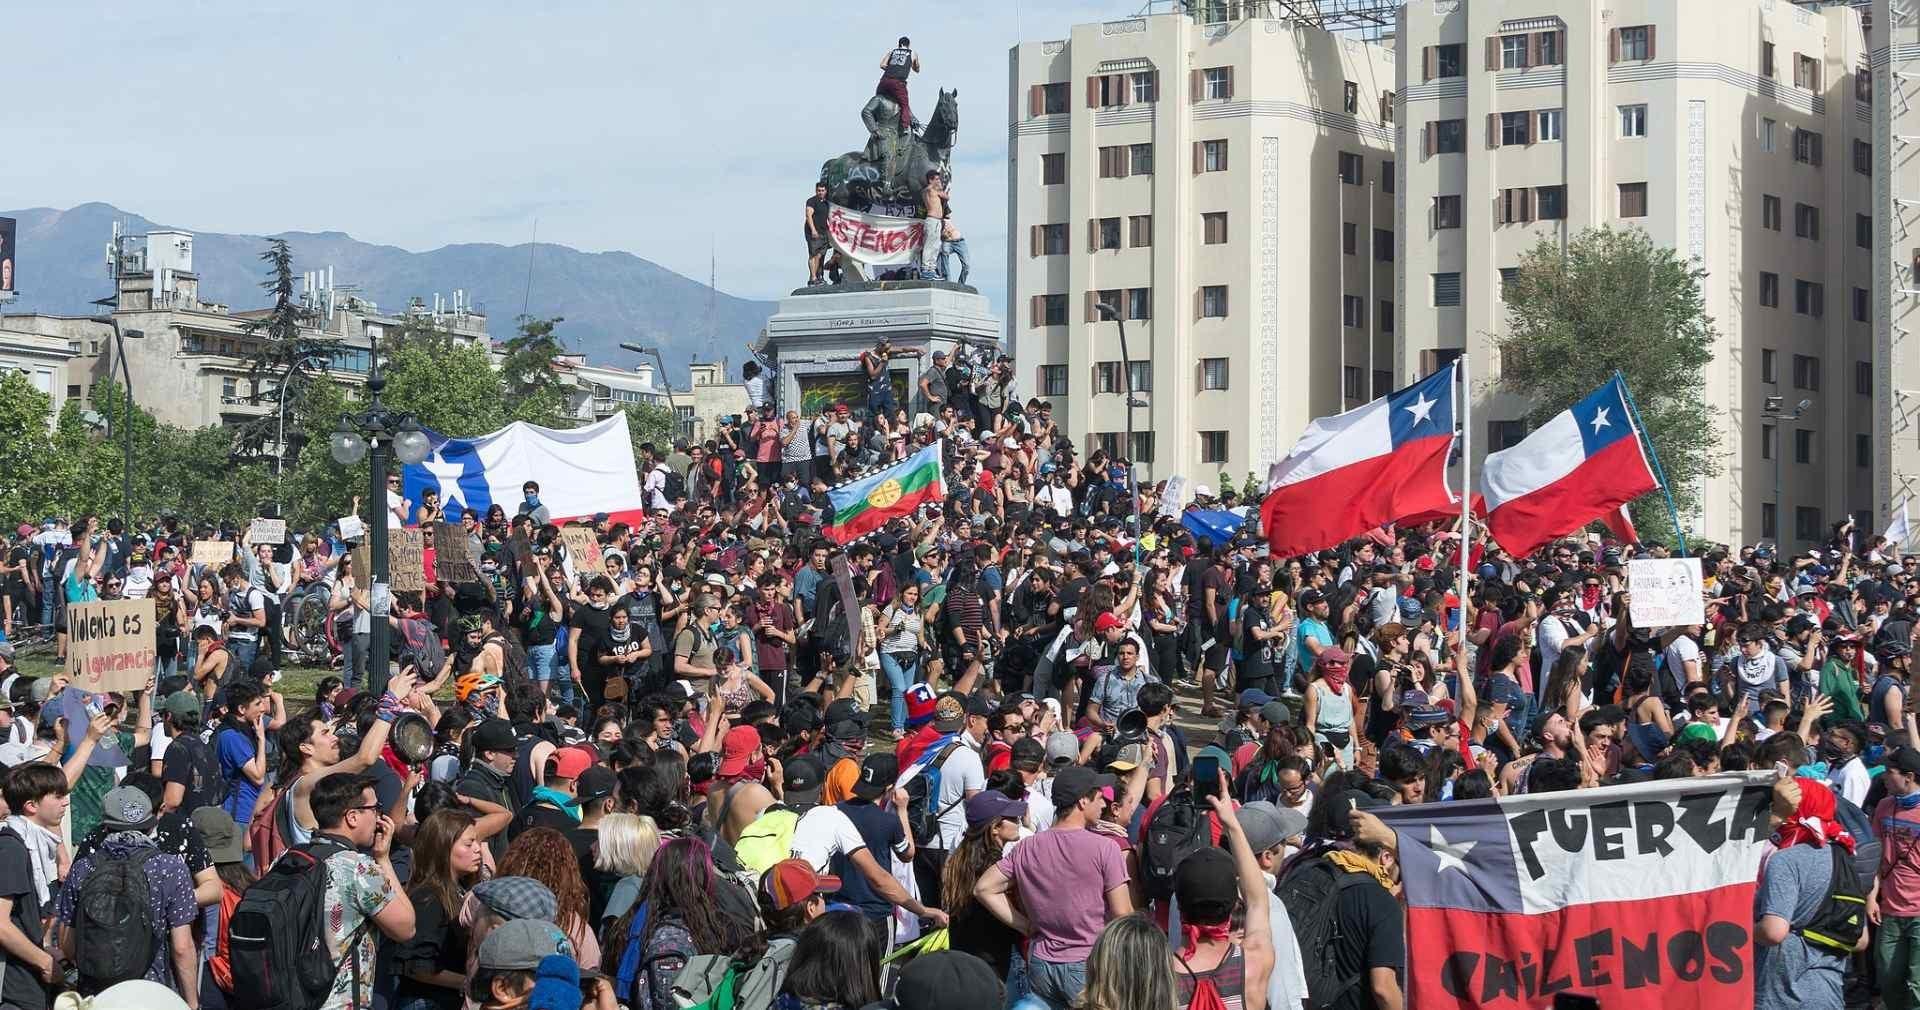 شهدت تشيلي في تشرين الثاني/نوفمبر الماضي اندلاع تحركات شعبية تطالب باستقالة رئيس الجمهورية سباستيان بينييرا